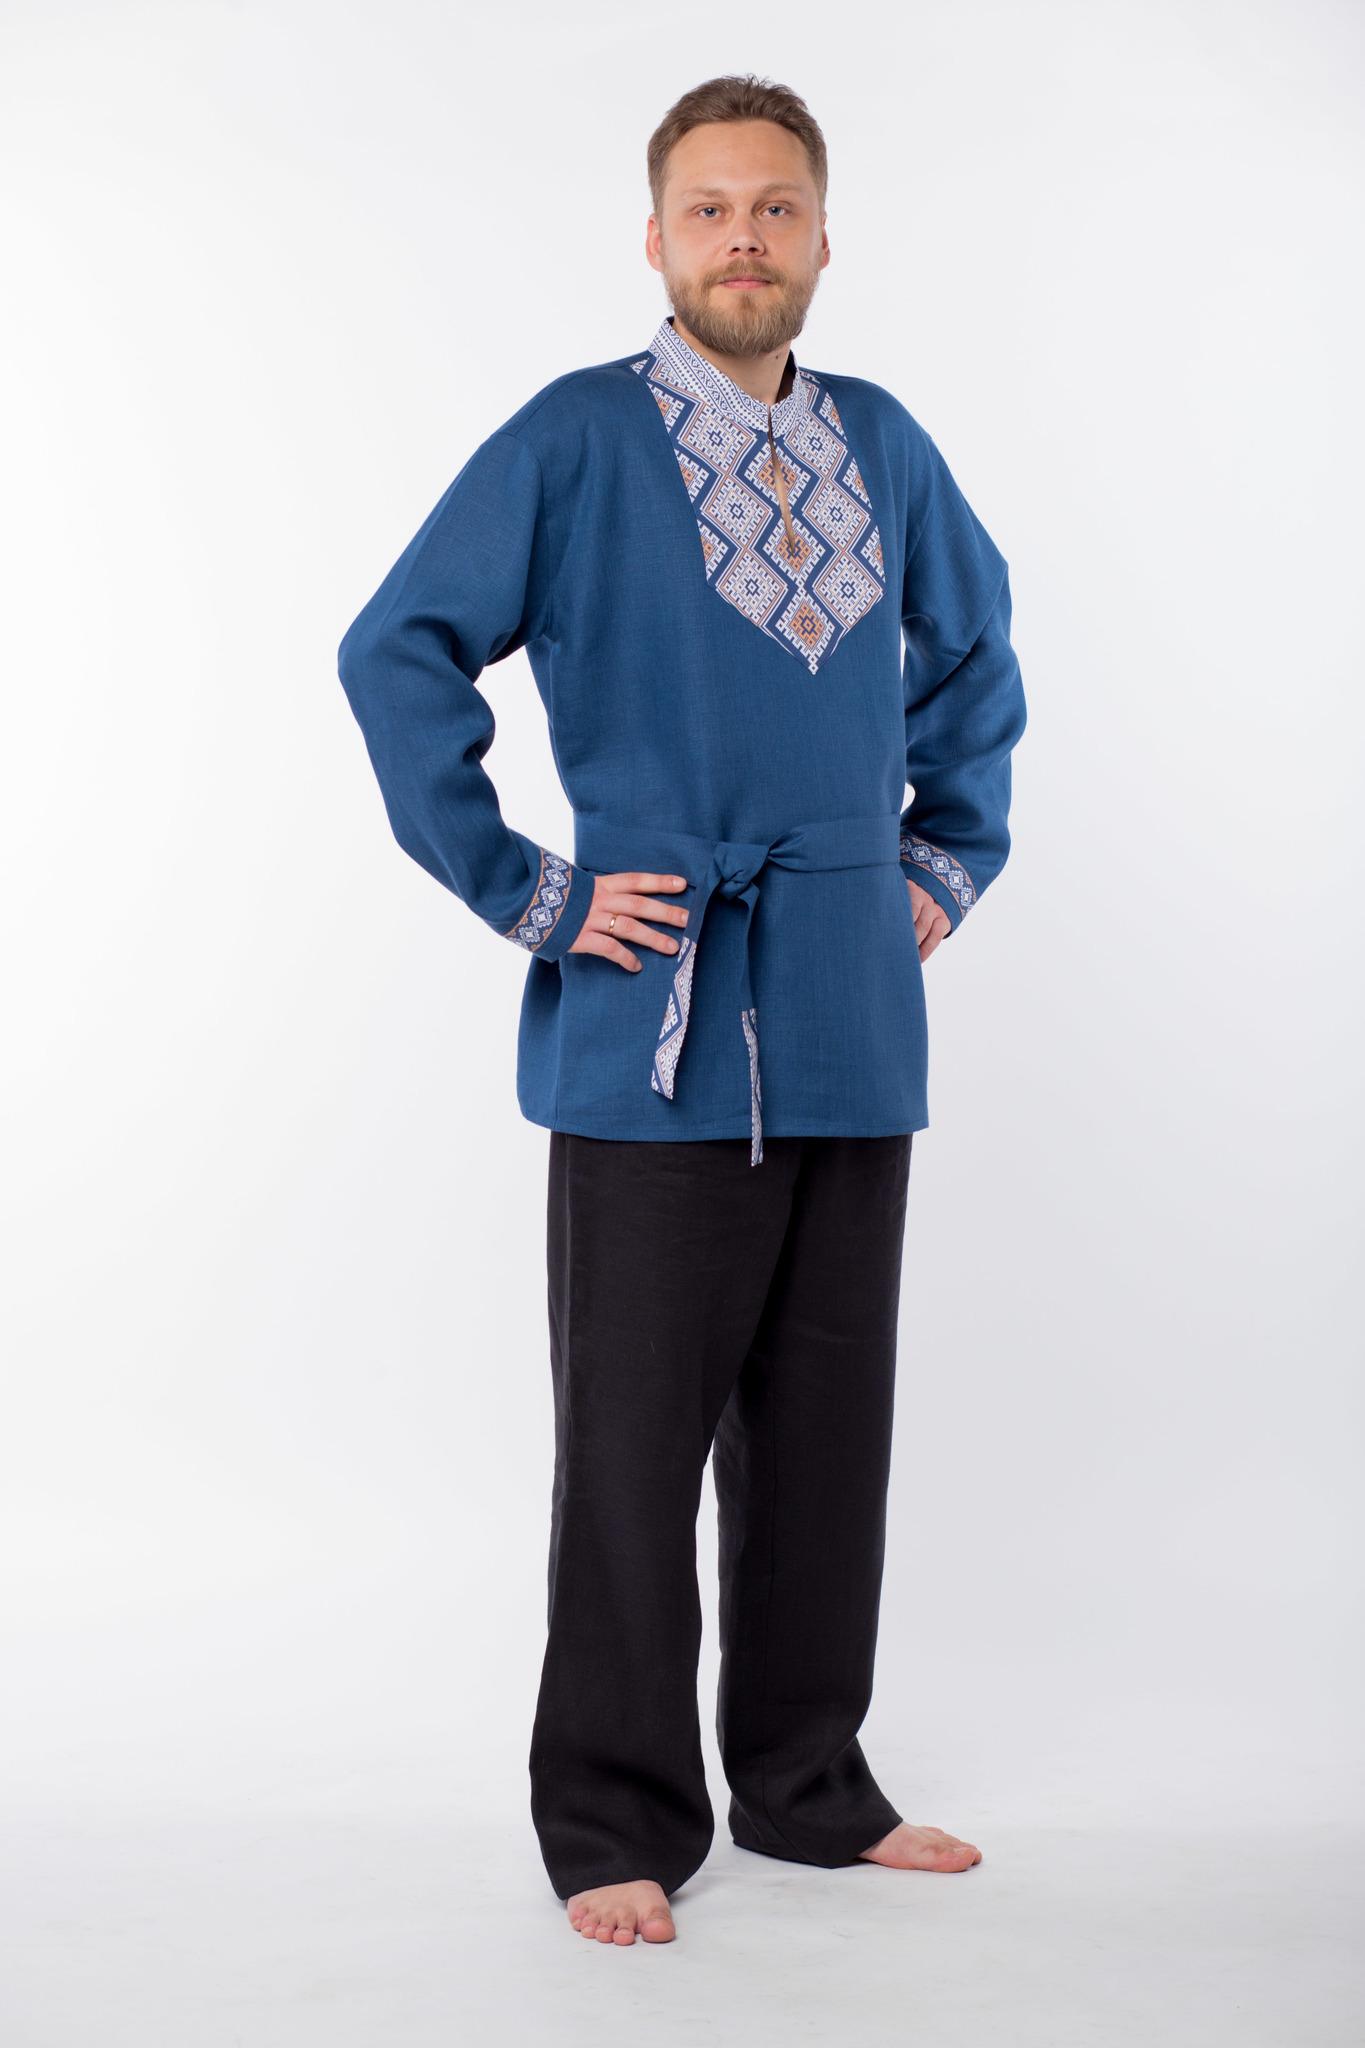 Рубаха мужская Алтайская вид сбоку